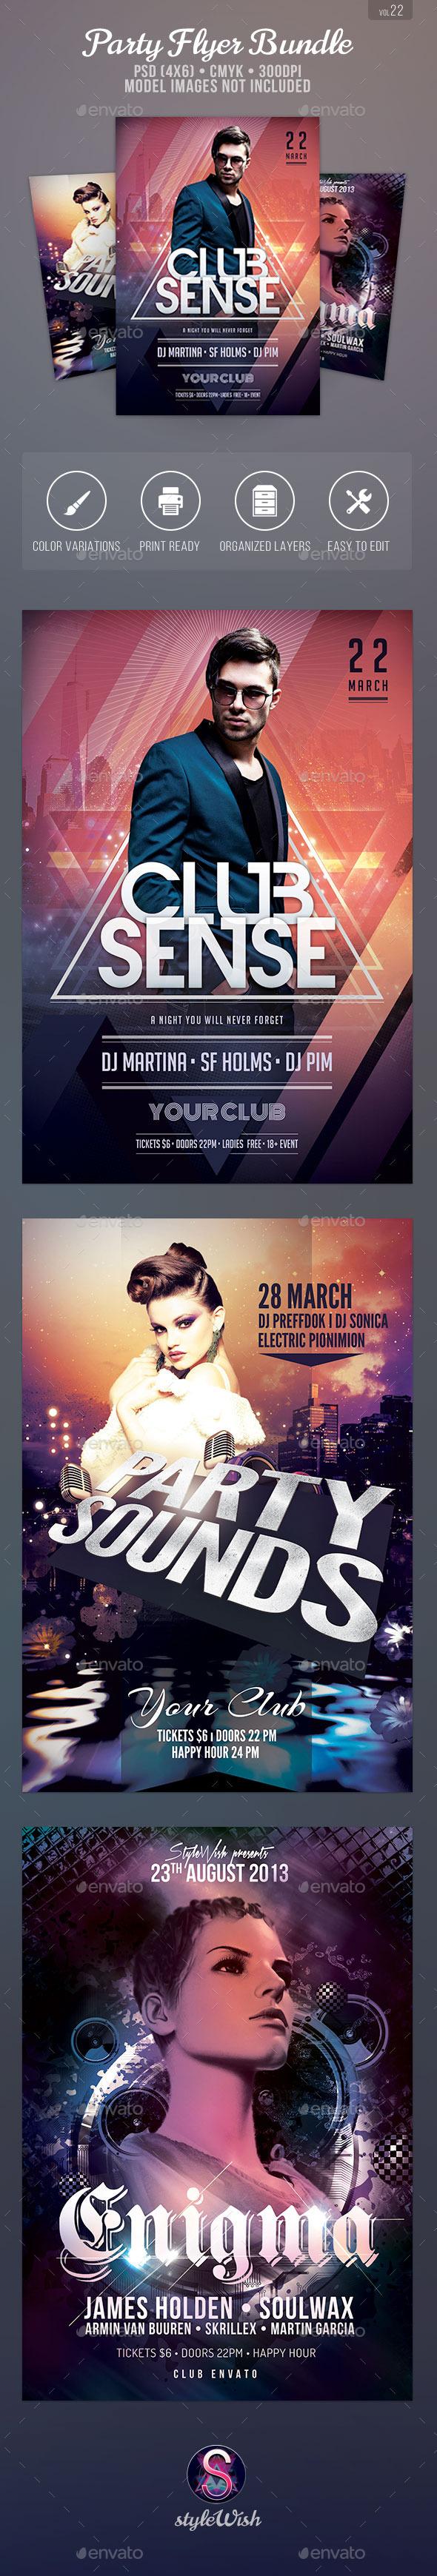 Party Flyer Bundle Vol.22 - Clubs & Parties Events